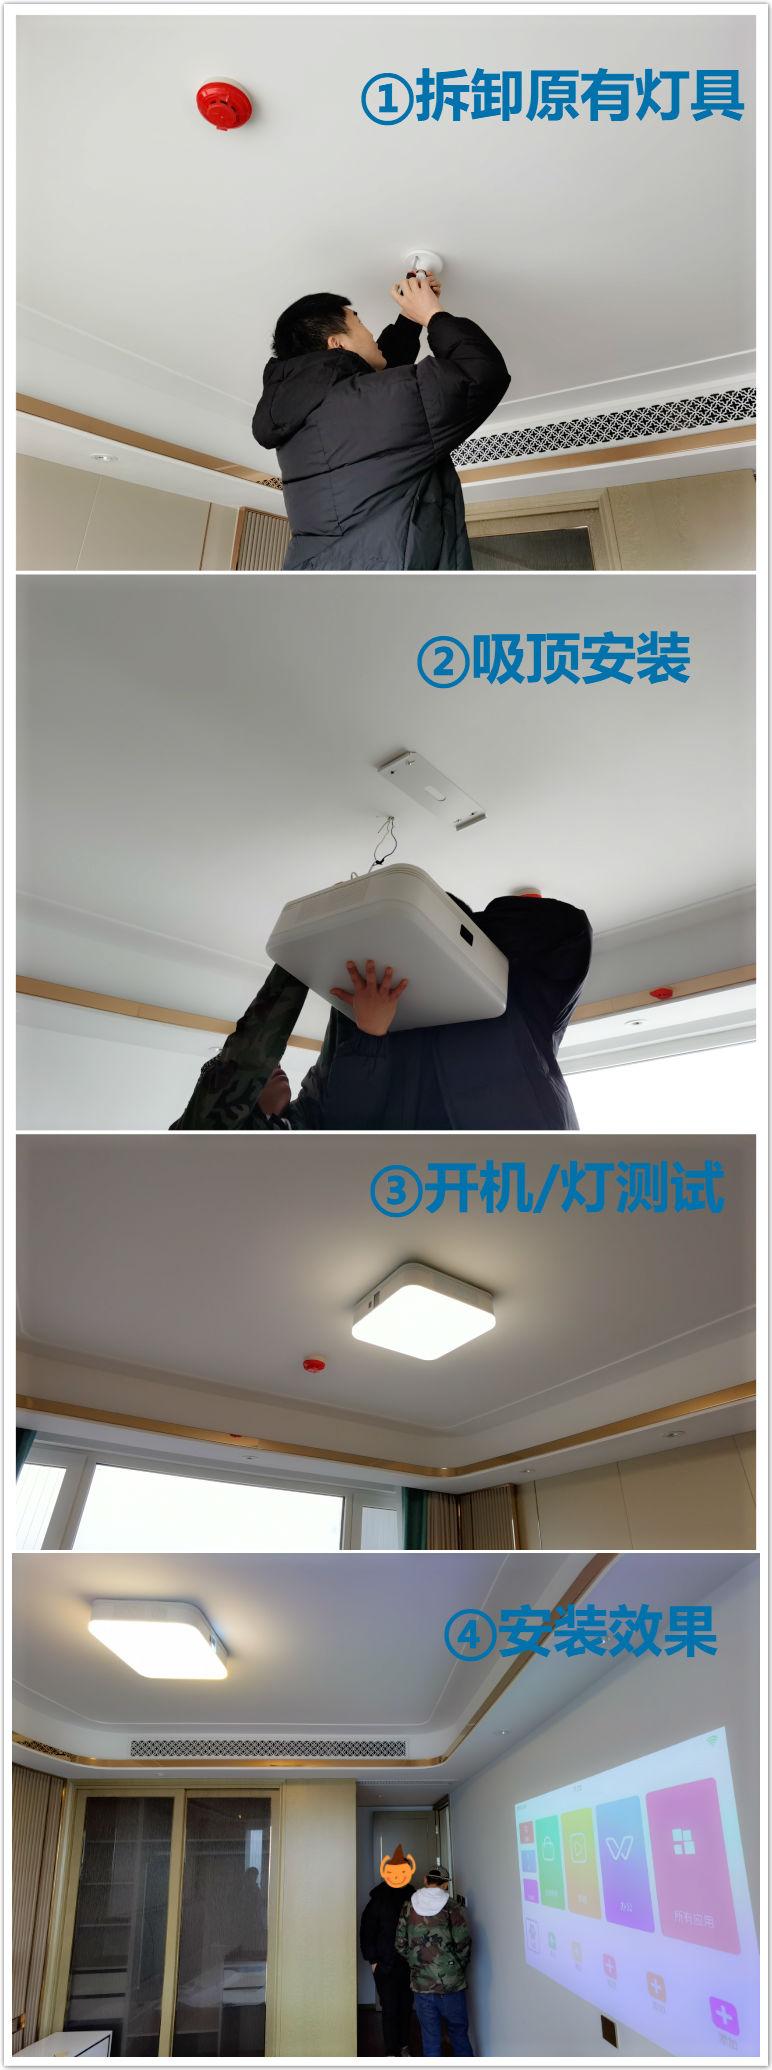 GPT多功能智能投影吸顶灯安装方案图解